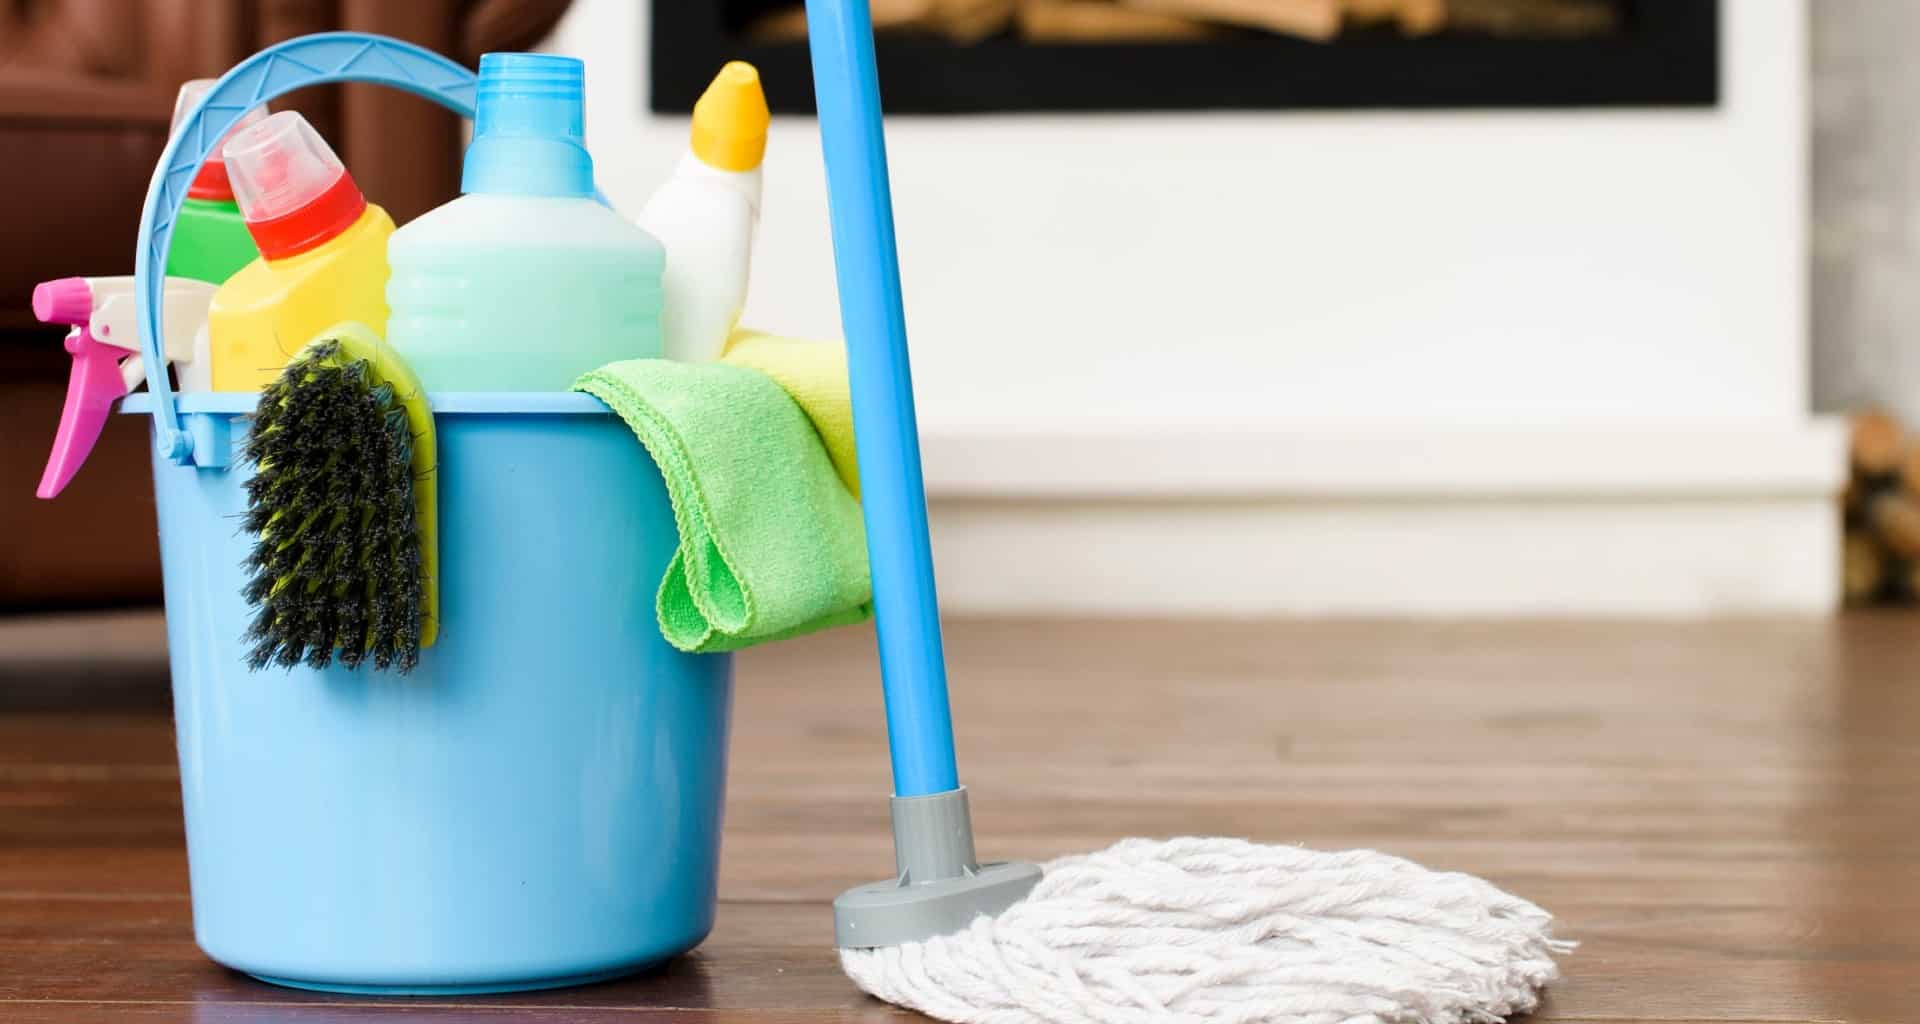 ¿Qué desinfectantes se recomiendan para la limpieza?